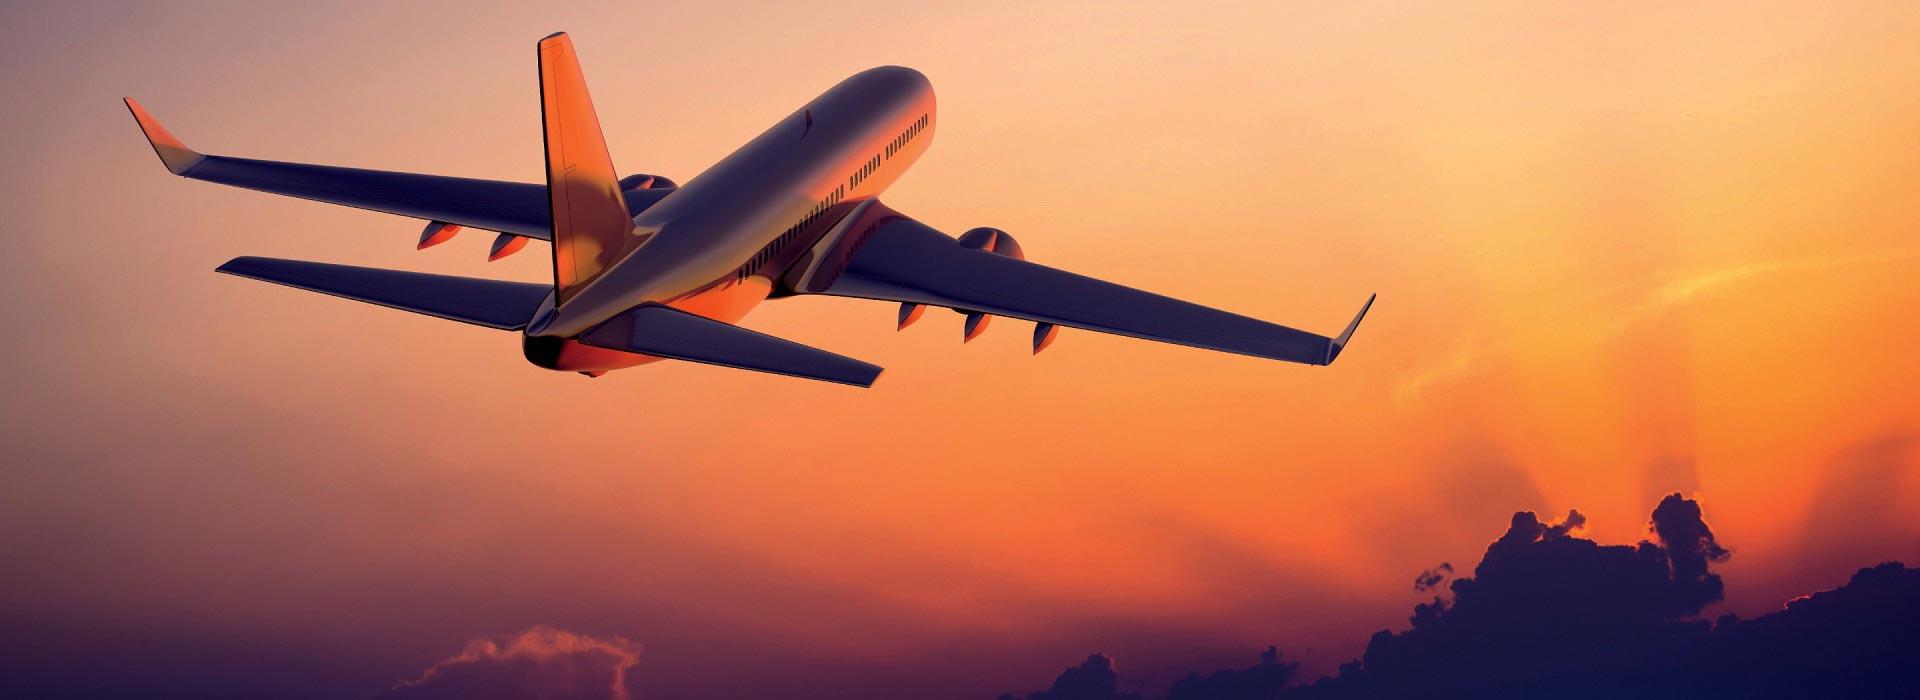 Государственной авиационной службой Украины начата работа по оценке коррупционных рисков в своей деятельности.